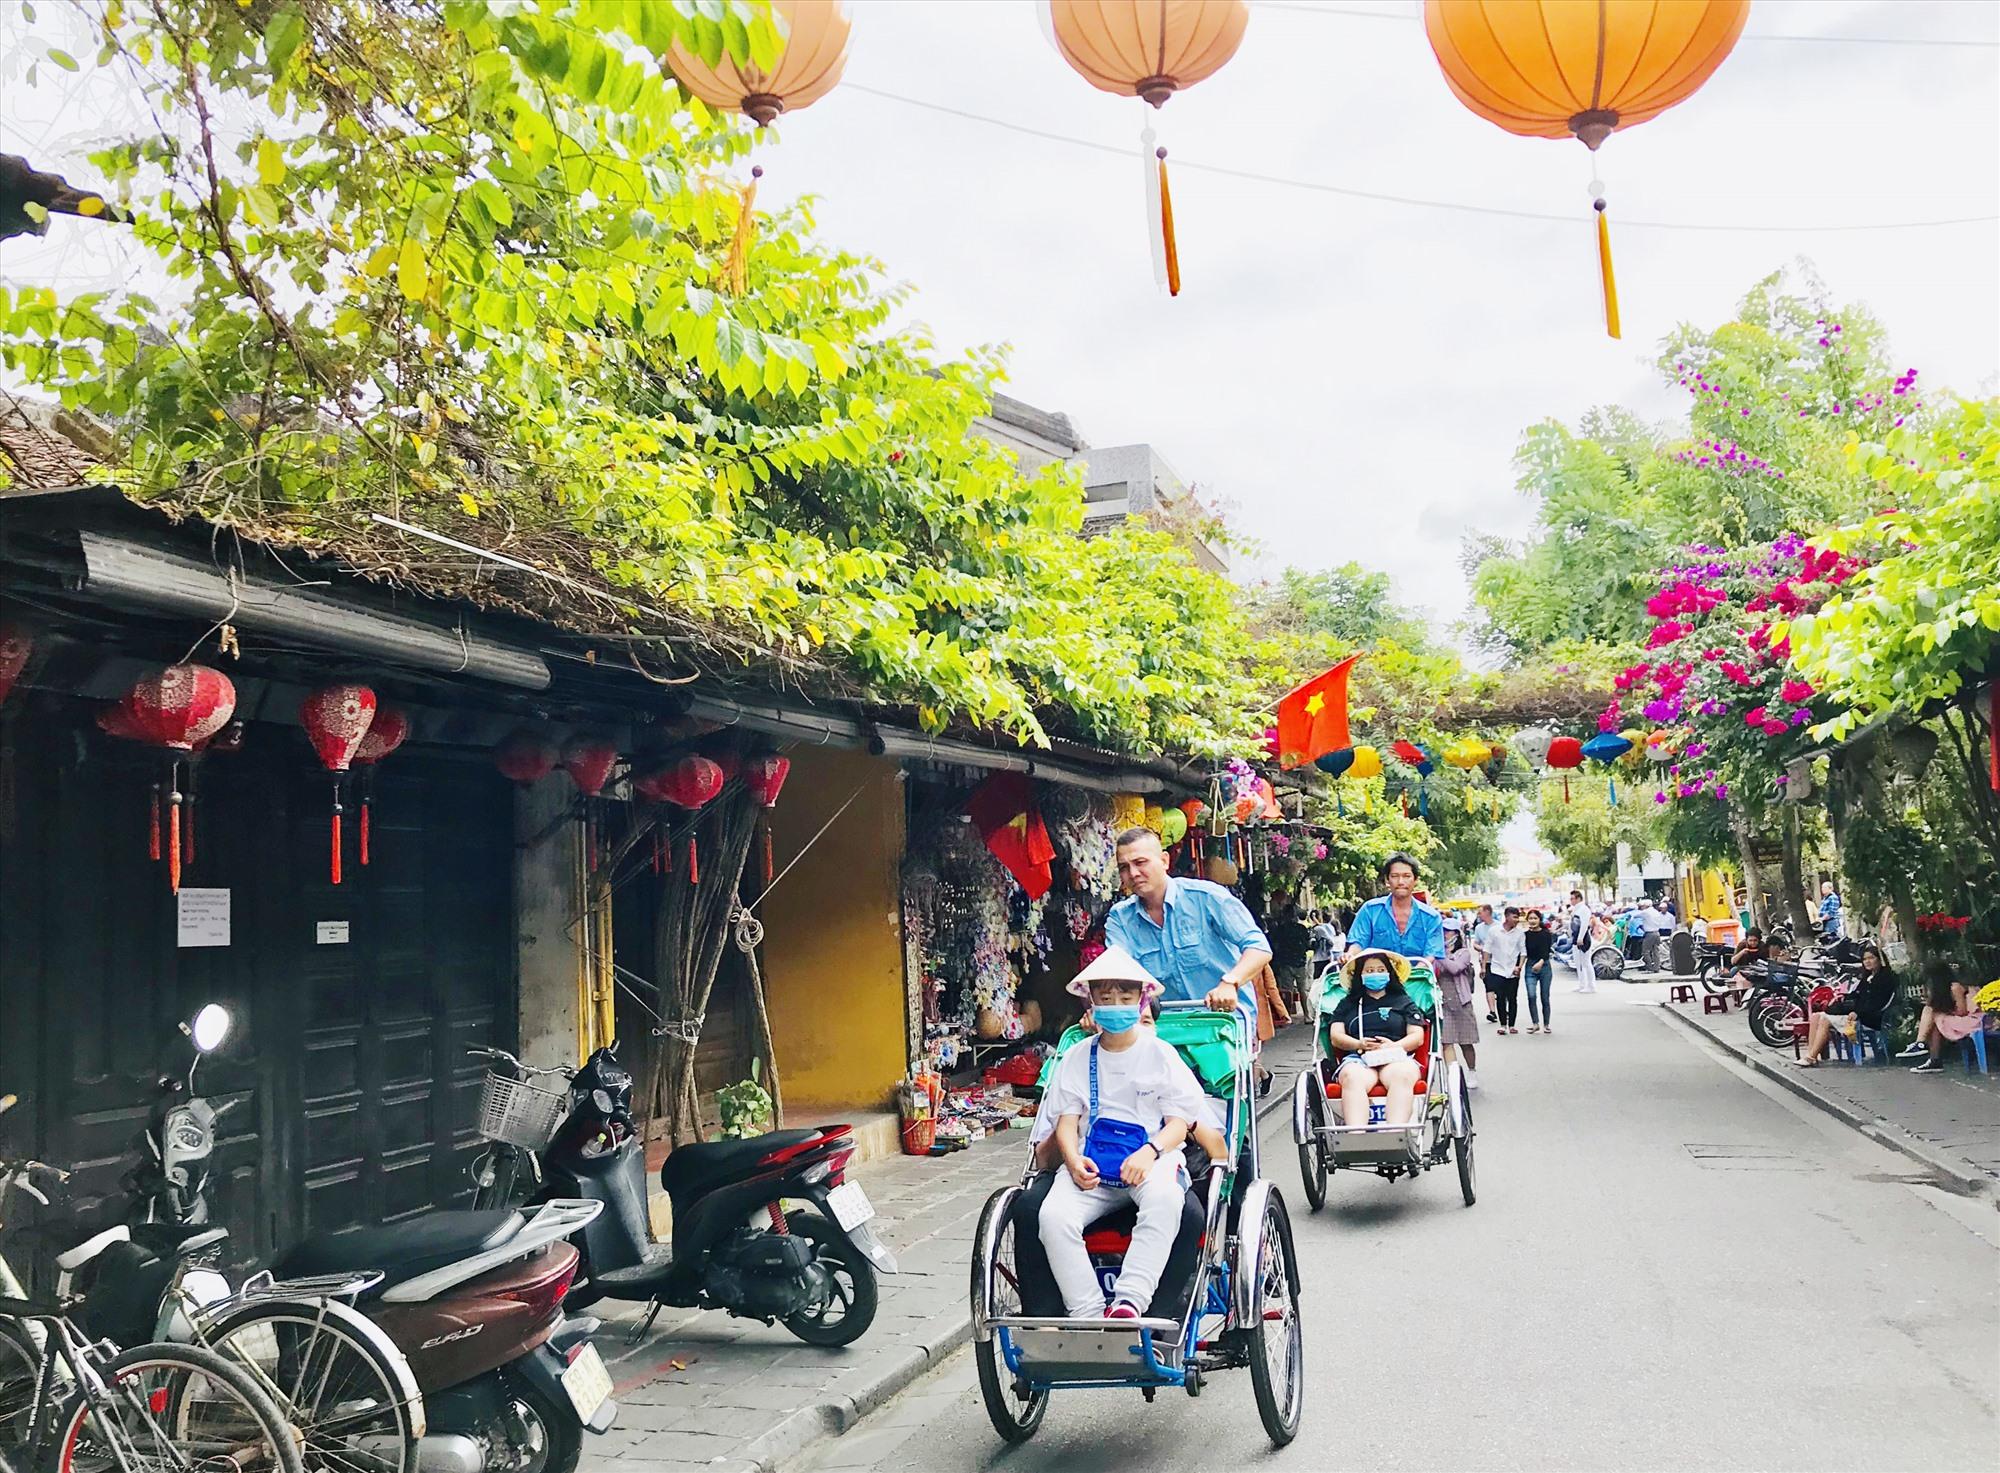 Hầu hết du khách đến Quảng Nam hiện vẫn thông qua cửa ngõ Đà Nẵng. Ảnh: Q.T